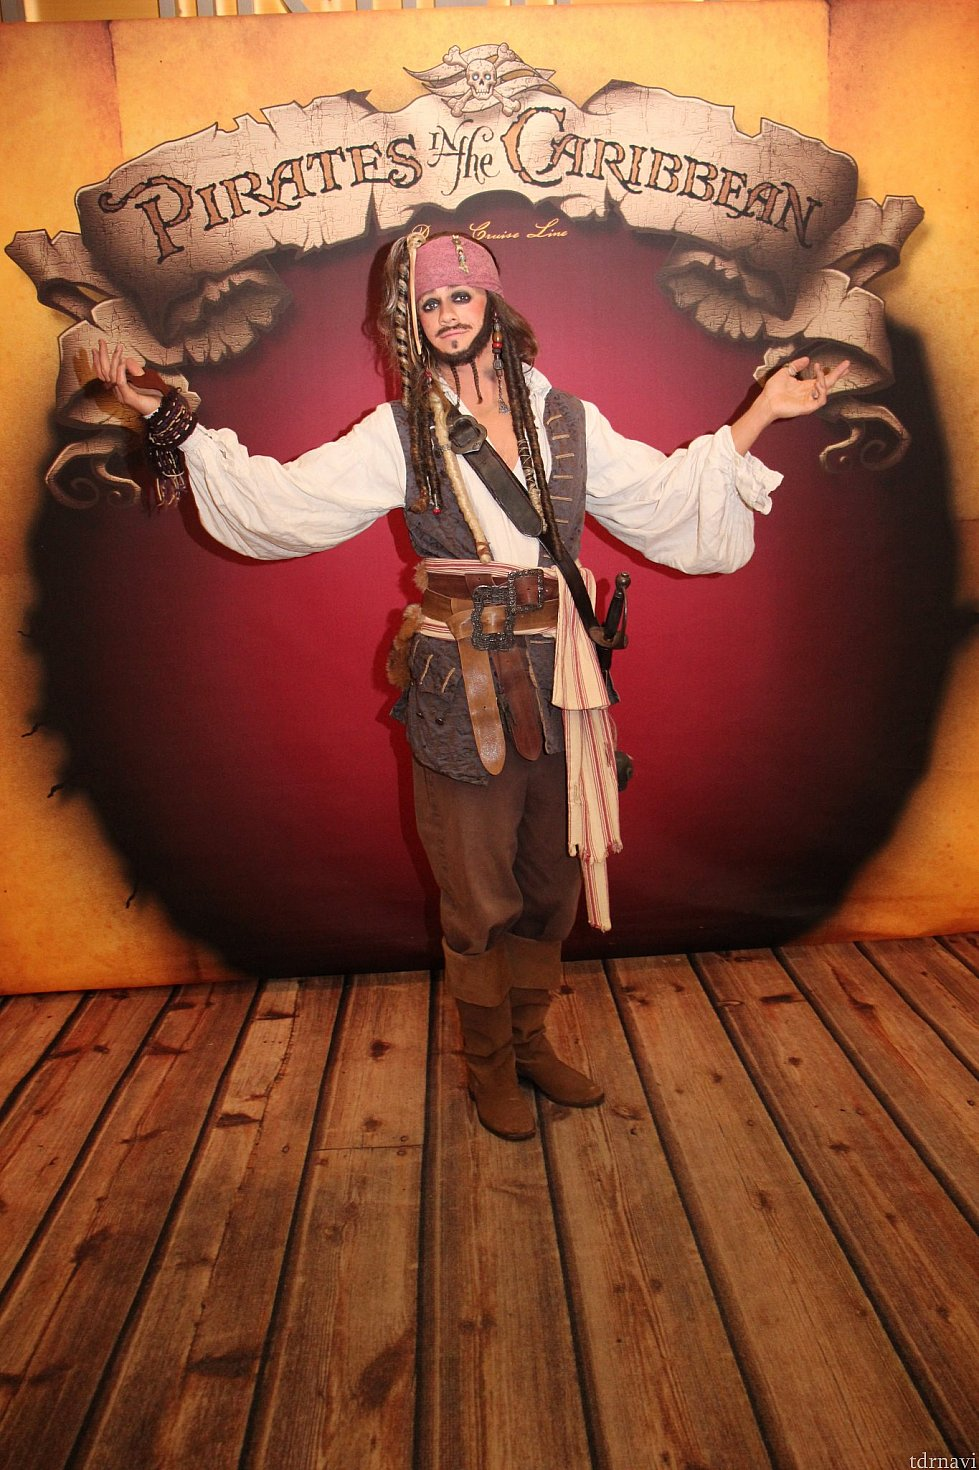 キャプテン・ジャック・スパロウ! お酒を飲み過ぎたため、5分遅刻してきました💦